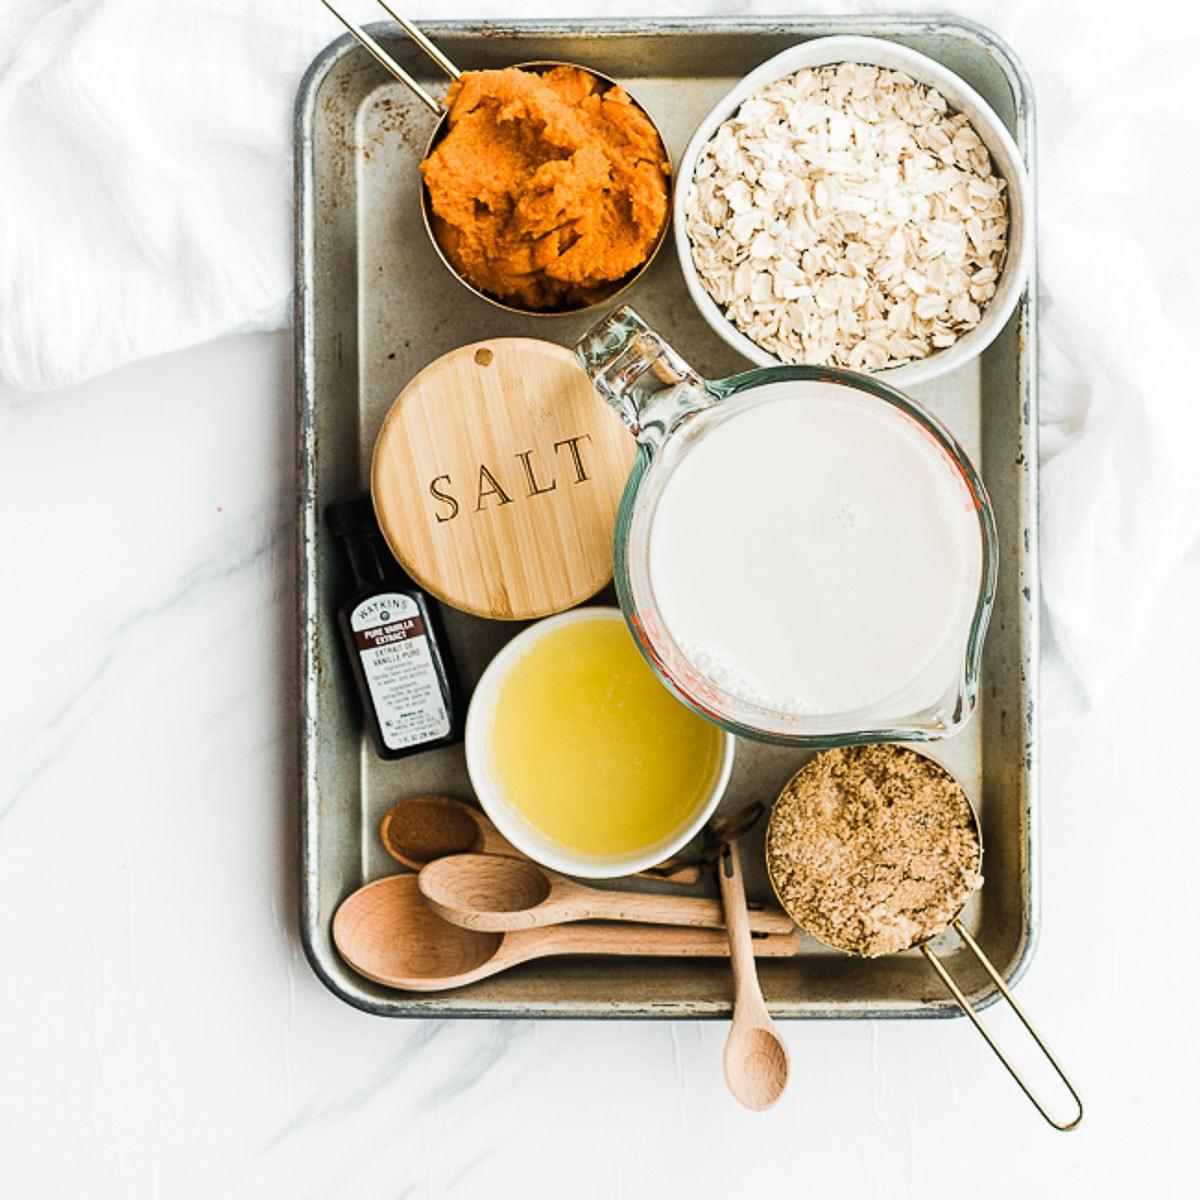 Ingredients for pumpkin oatmeal on a metal tray - oats, pumpkin, almond milk, sugar.